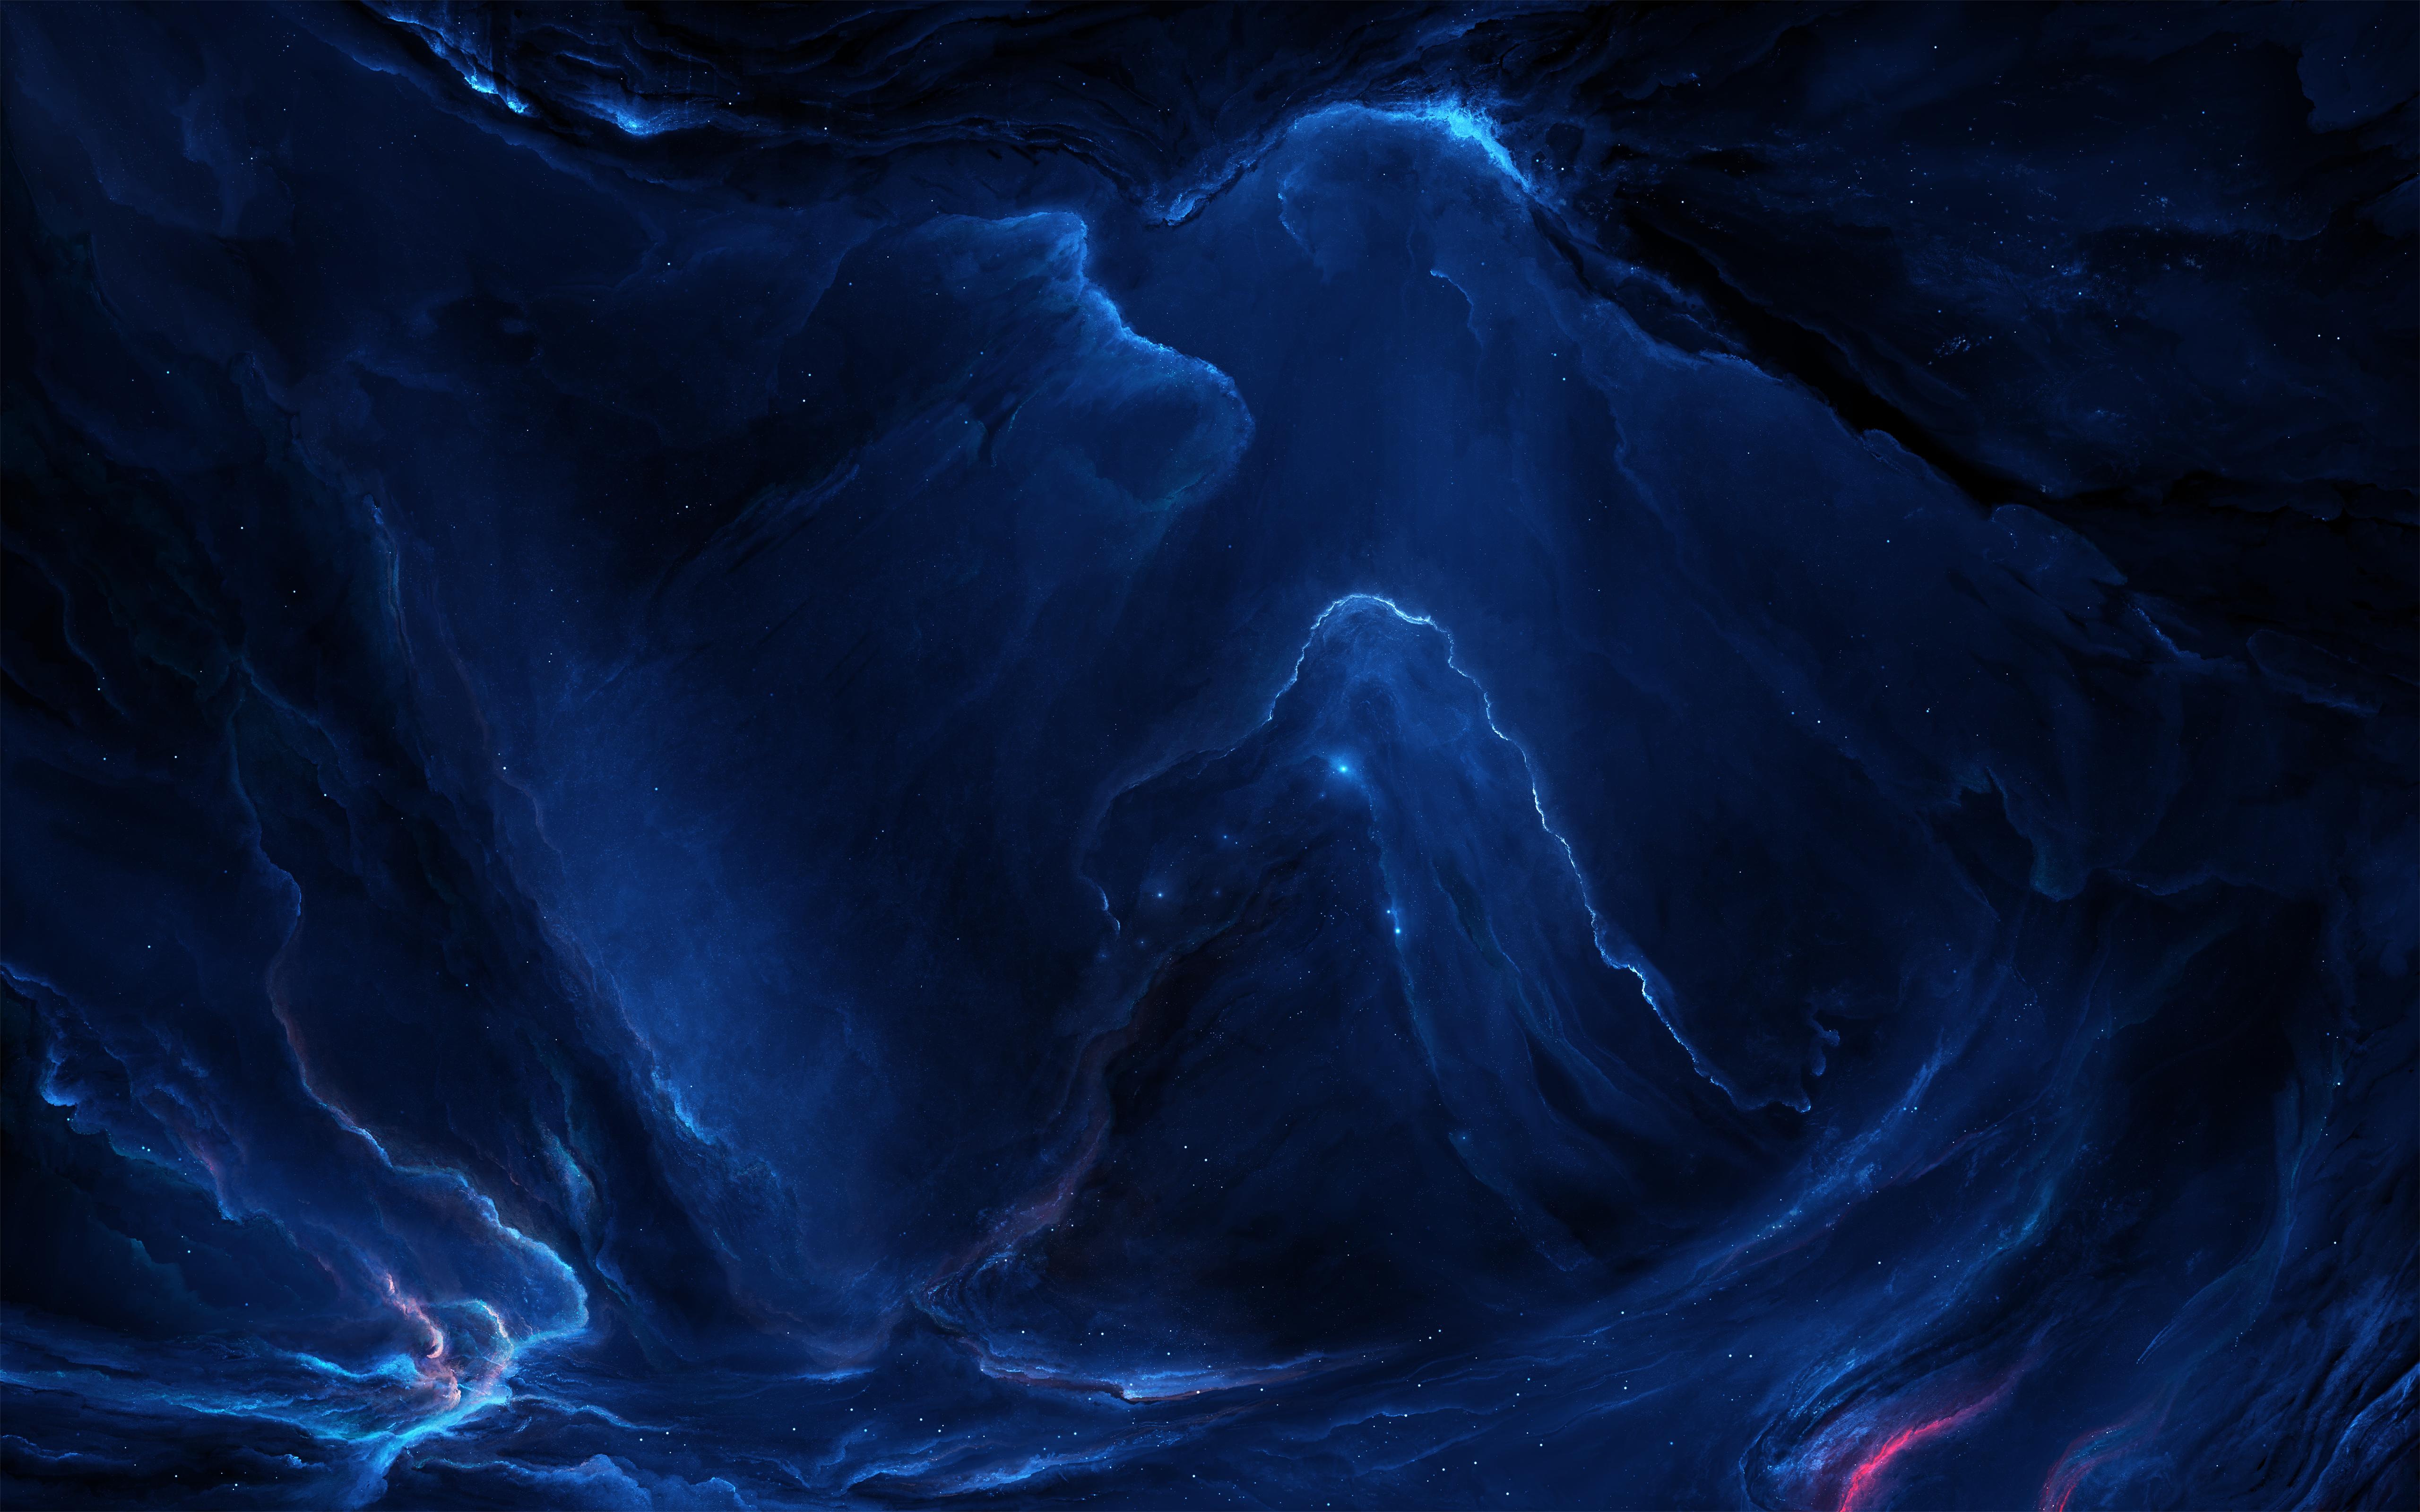 Atlantis Nebula #5